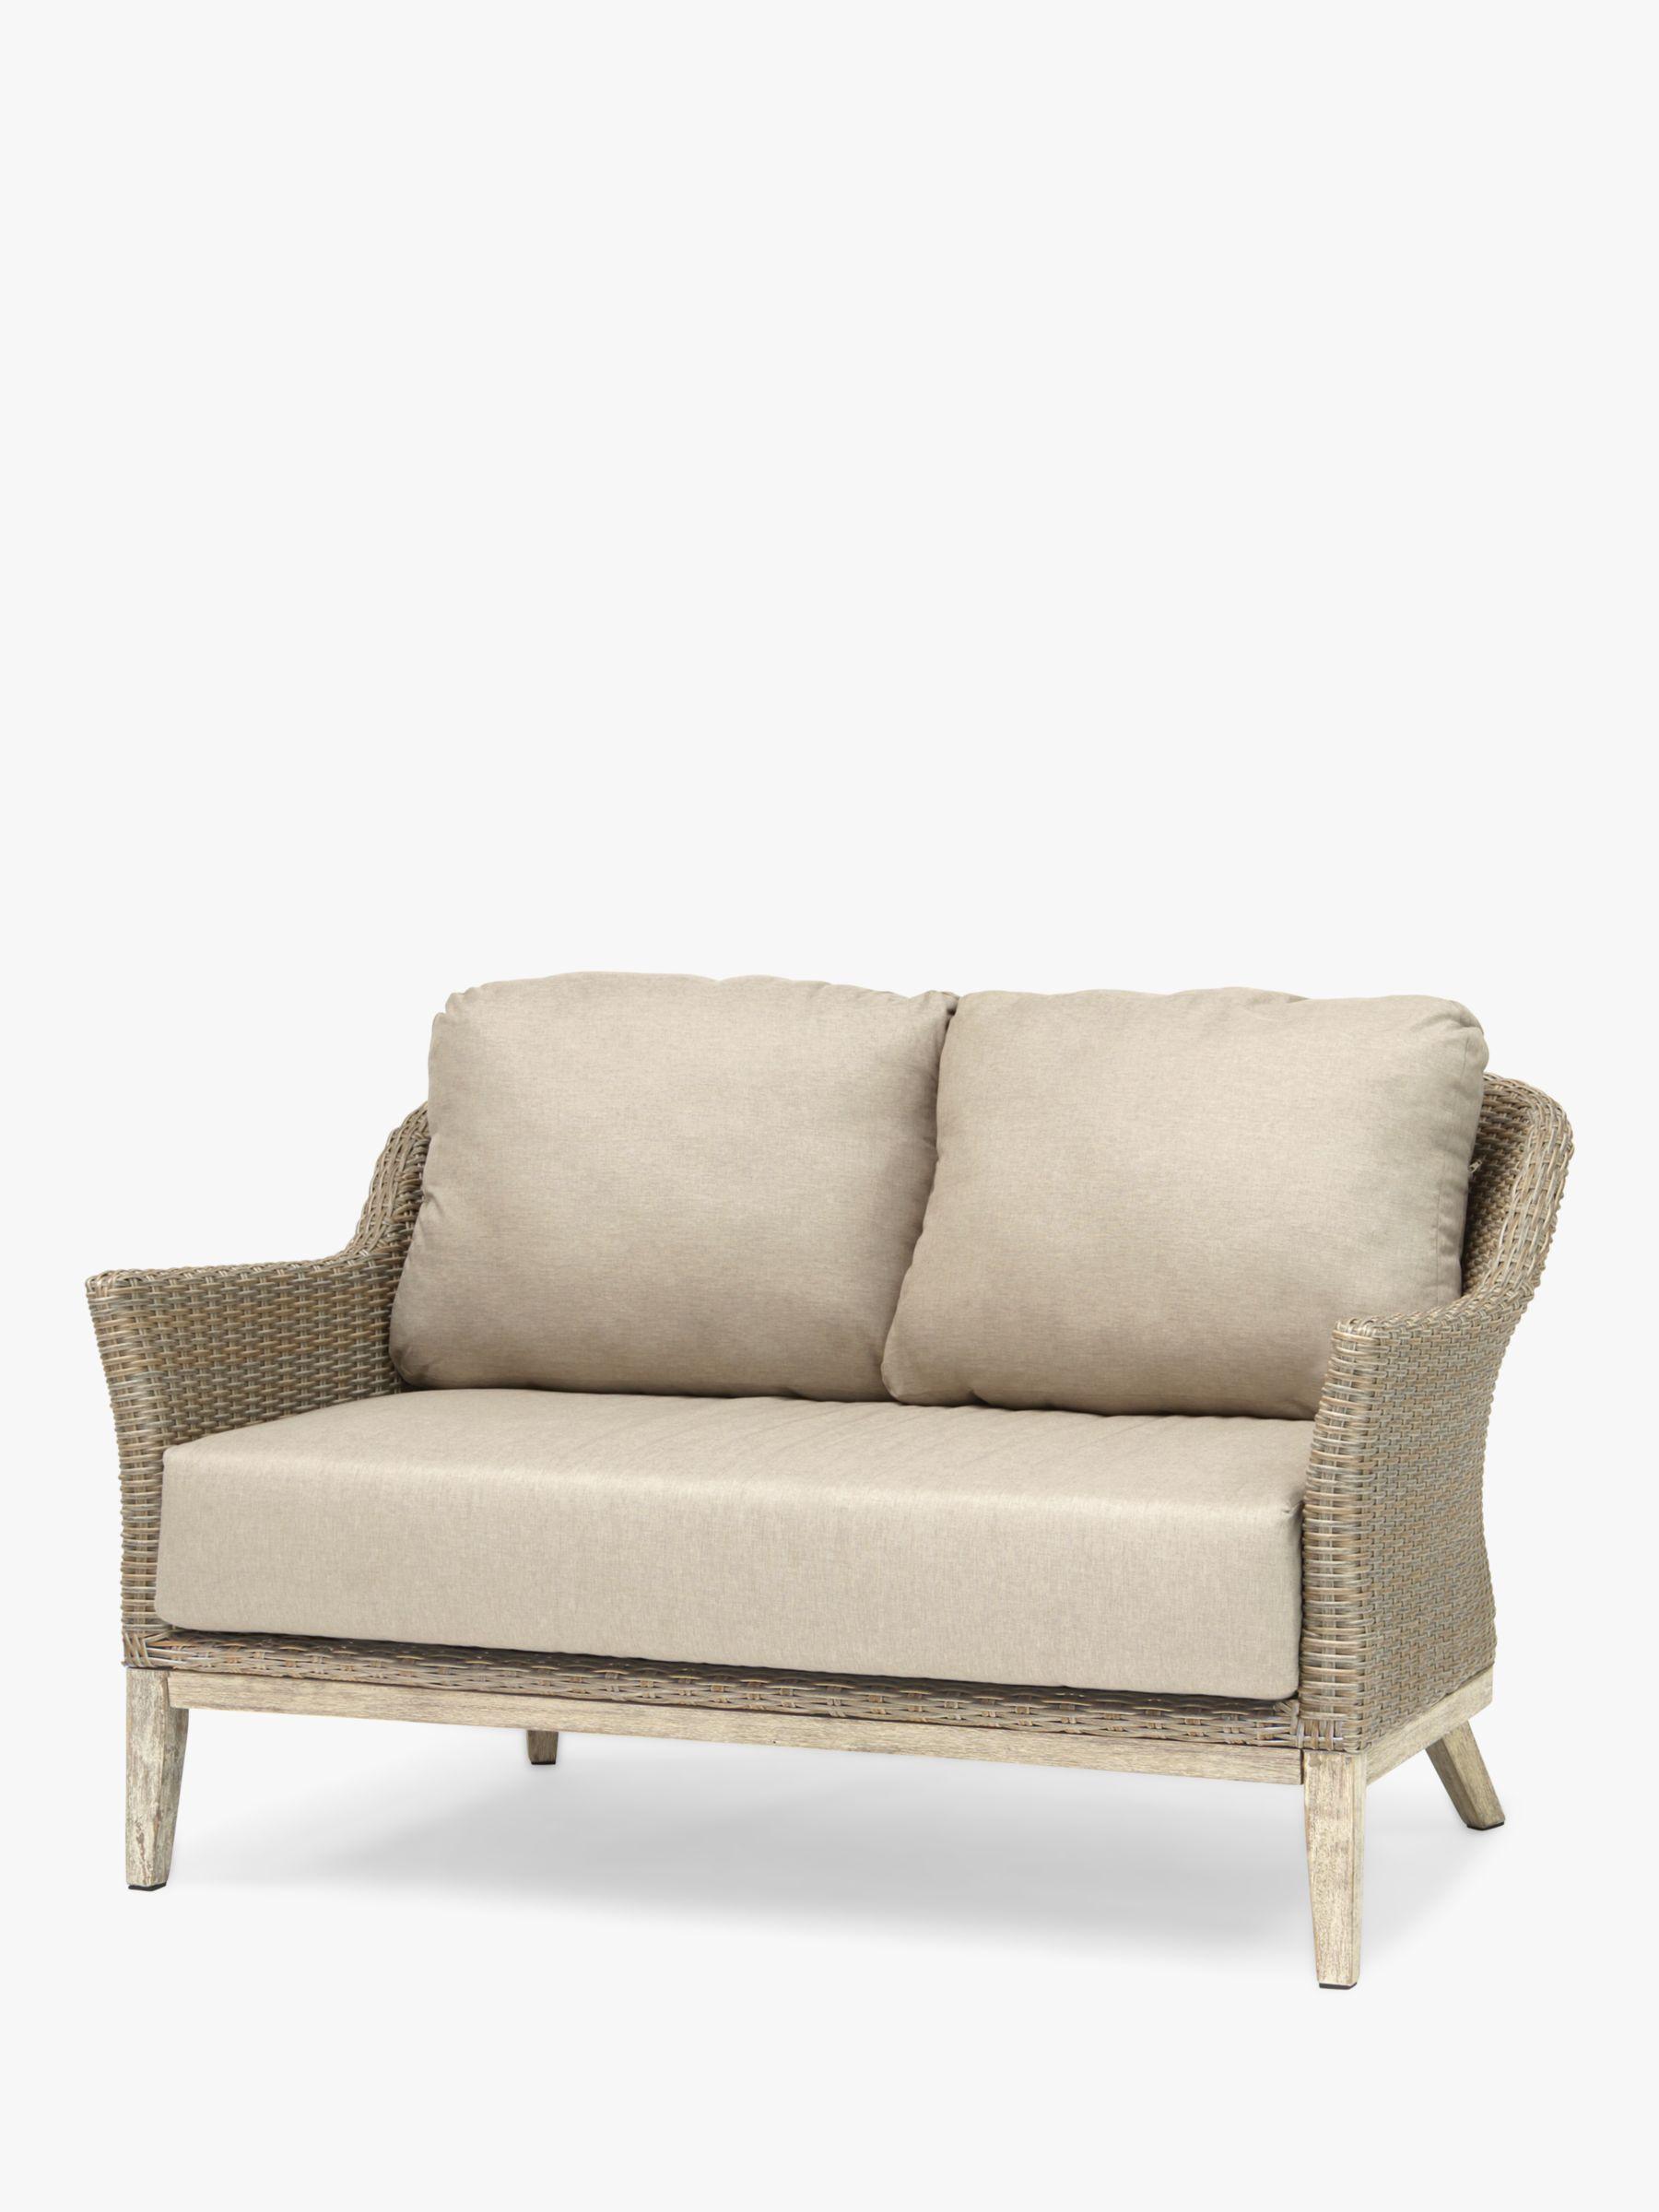 Kettler KETTLER Cora Lounging 2 Seater Sofa, FSC-Certified (Acacia), Smoke White